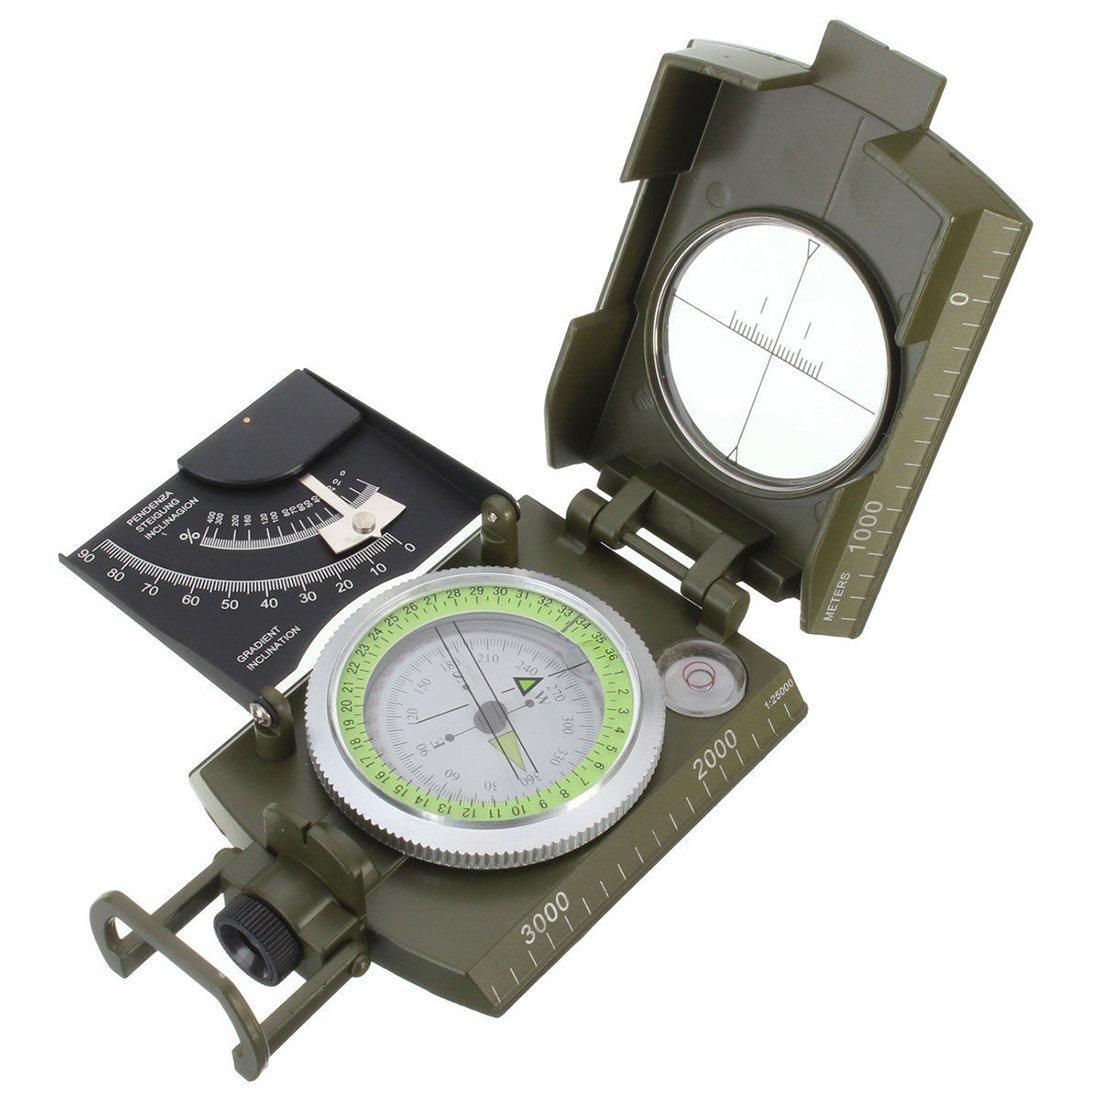 コンパスクリノメーター – TOOGOO ( R )新しいプロフェッショナル軍陸軍メタルSightingコンパスクリノメーターキャンプ B01LQ42MYA